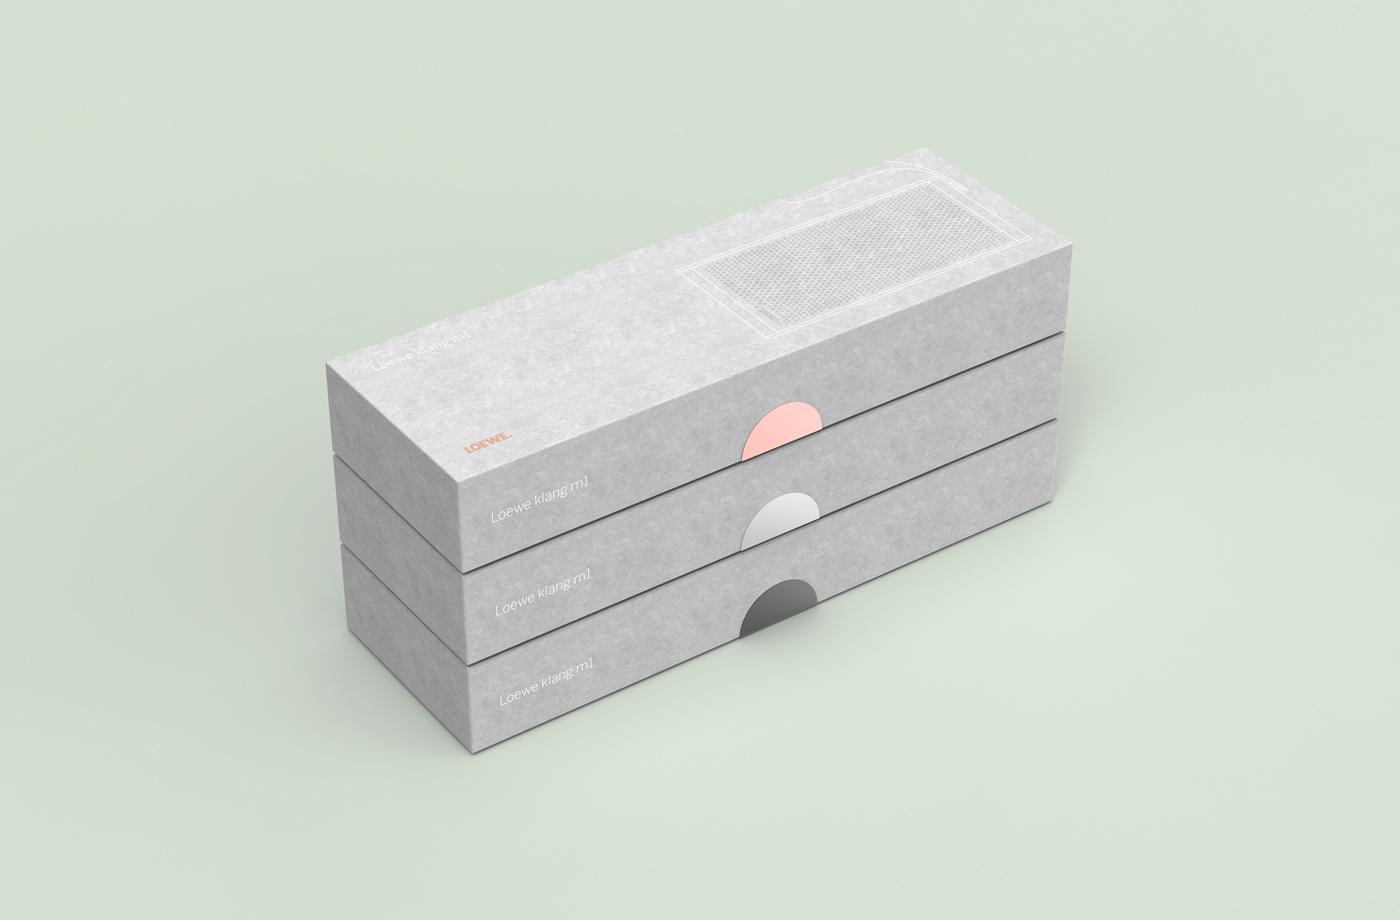 Verpackungs Design für den Loewe klang m1